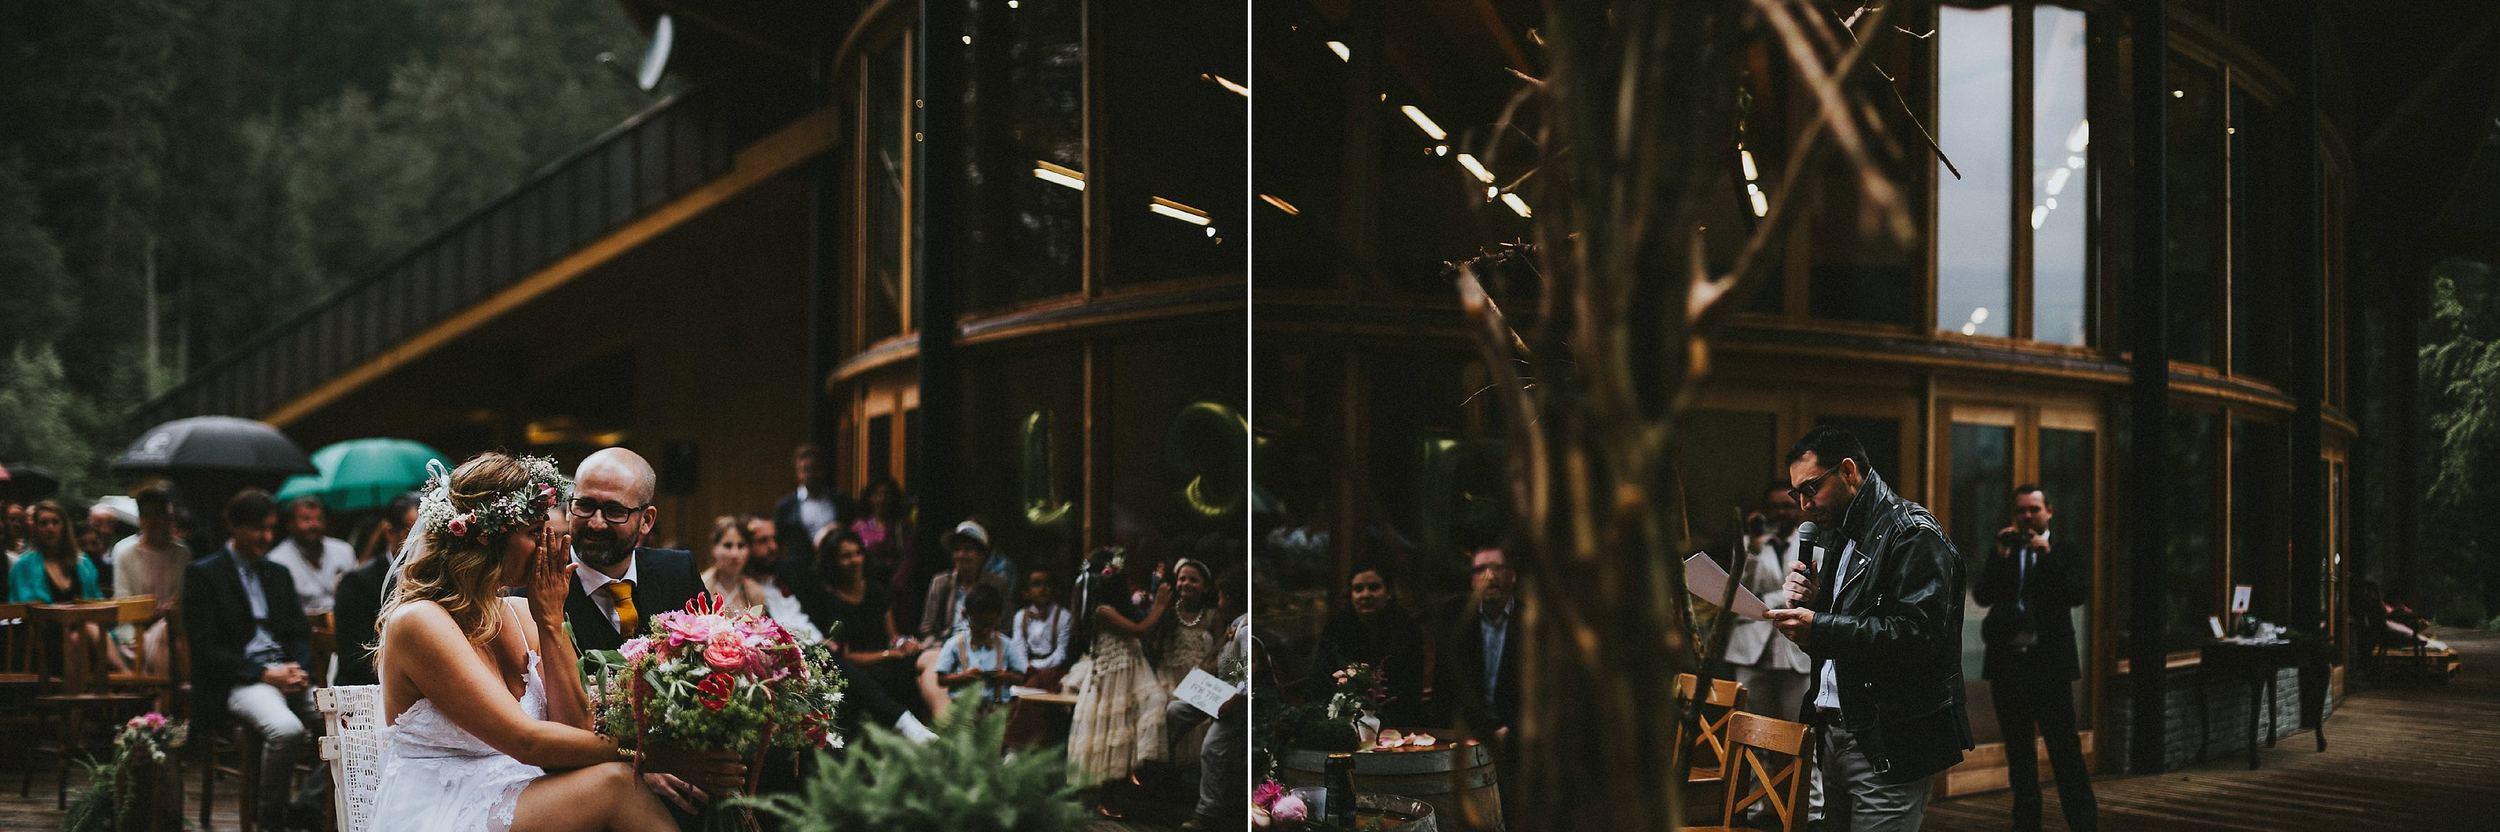 mariage-suisse-haute-savoie-domaine-baron-steven-bassillieaux-bordeaux-dordogne-wedding-photographe-18.jpg